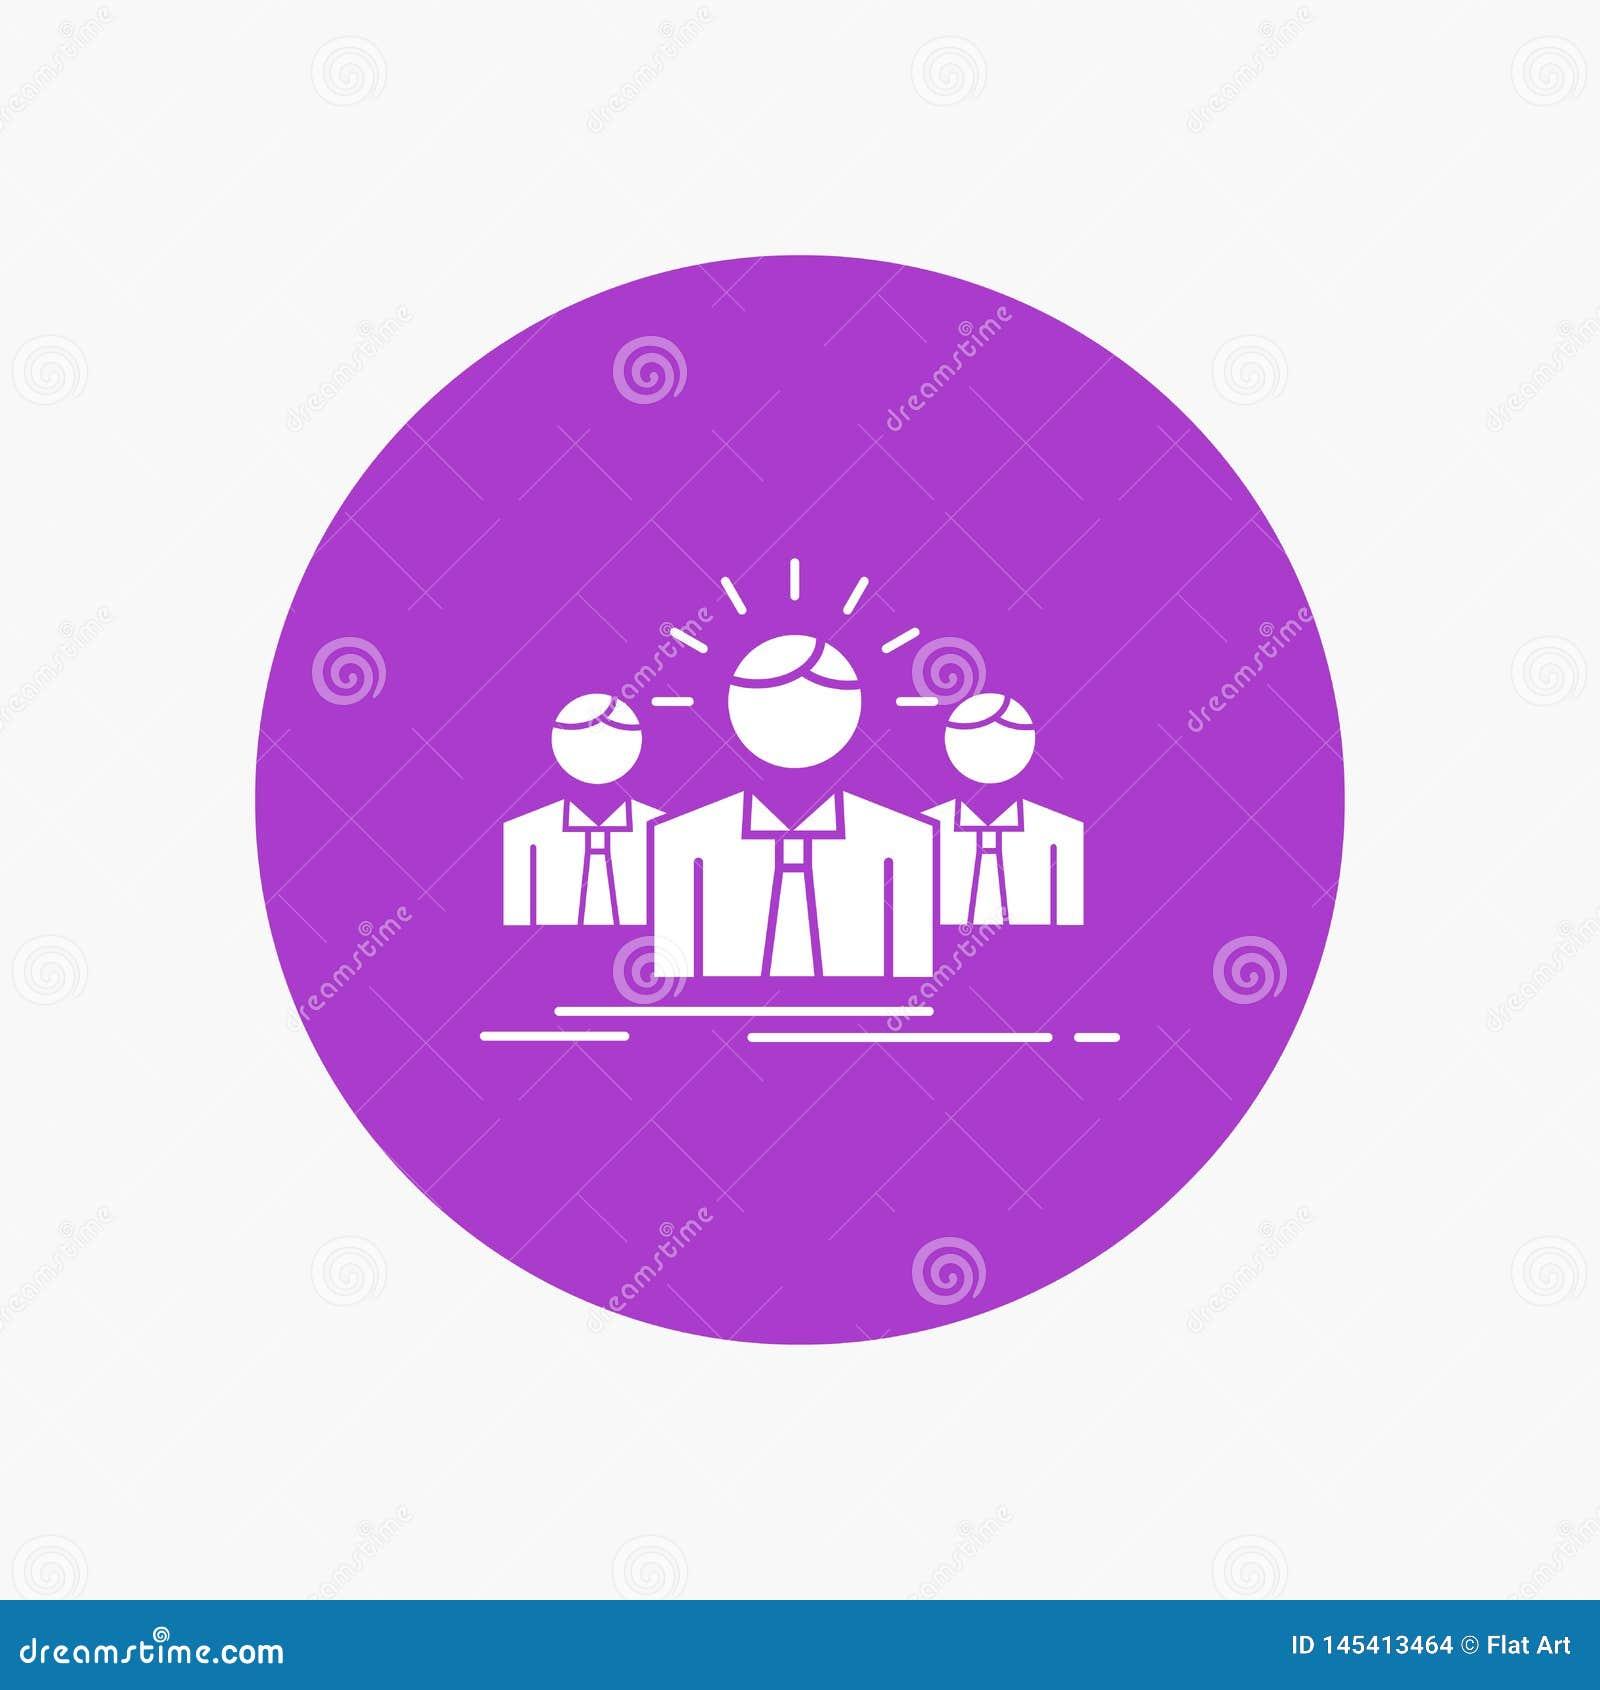 Biznes, kariera, pracownik, przedsiębiorca, lidera glifu Biała ikona w okręgu Wektorowa guzik ilustracja